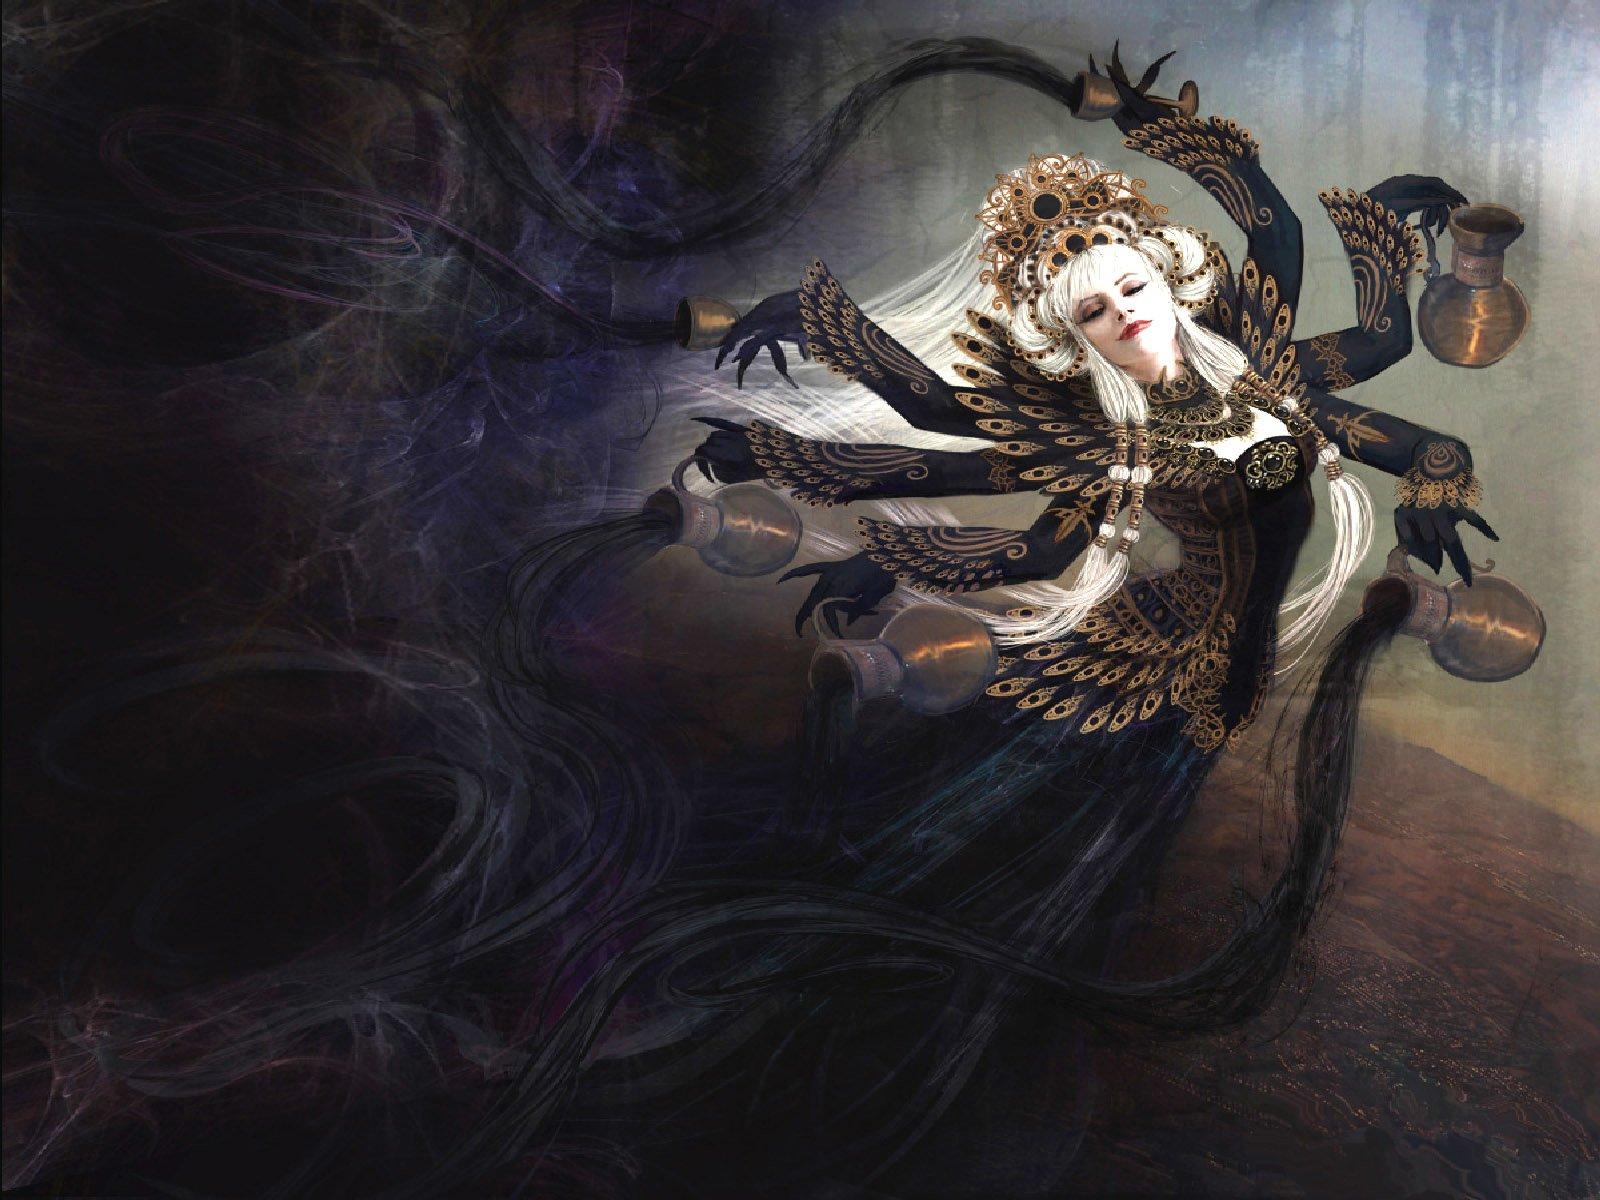 Fantaisie - Sombre  Fantaisie Woman Fond d'écran